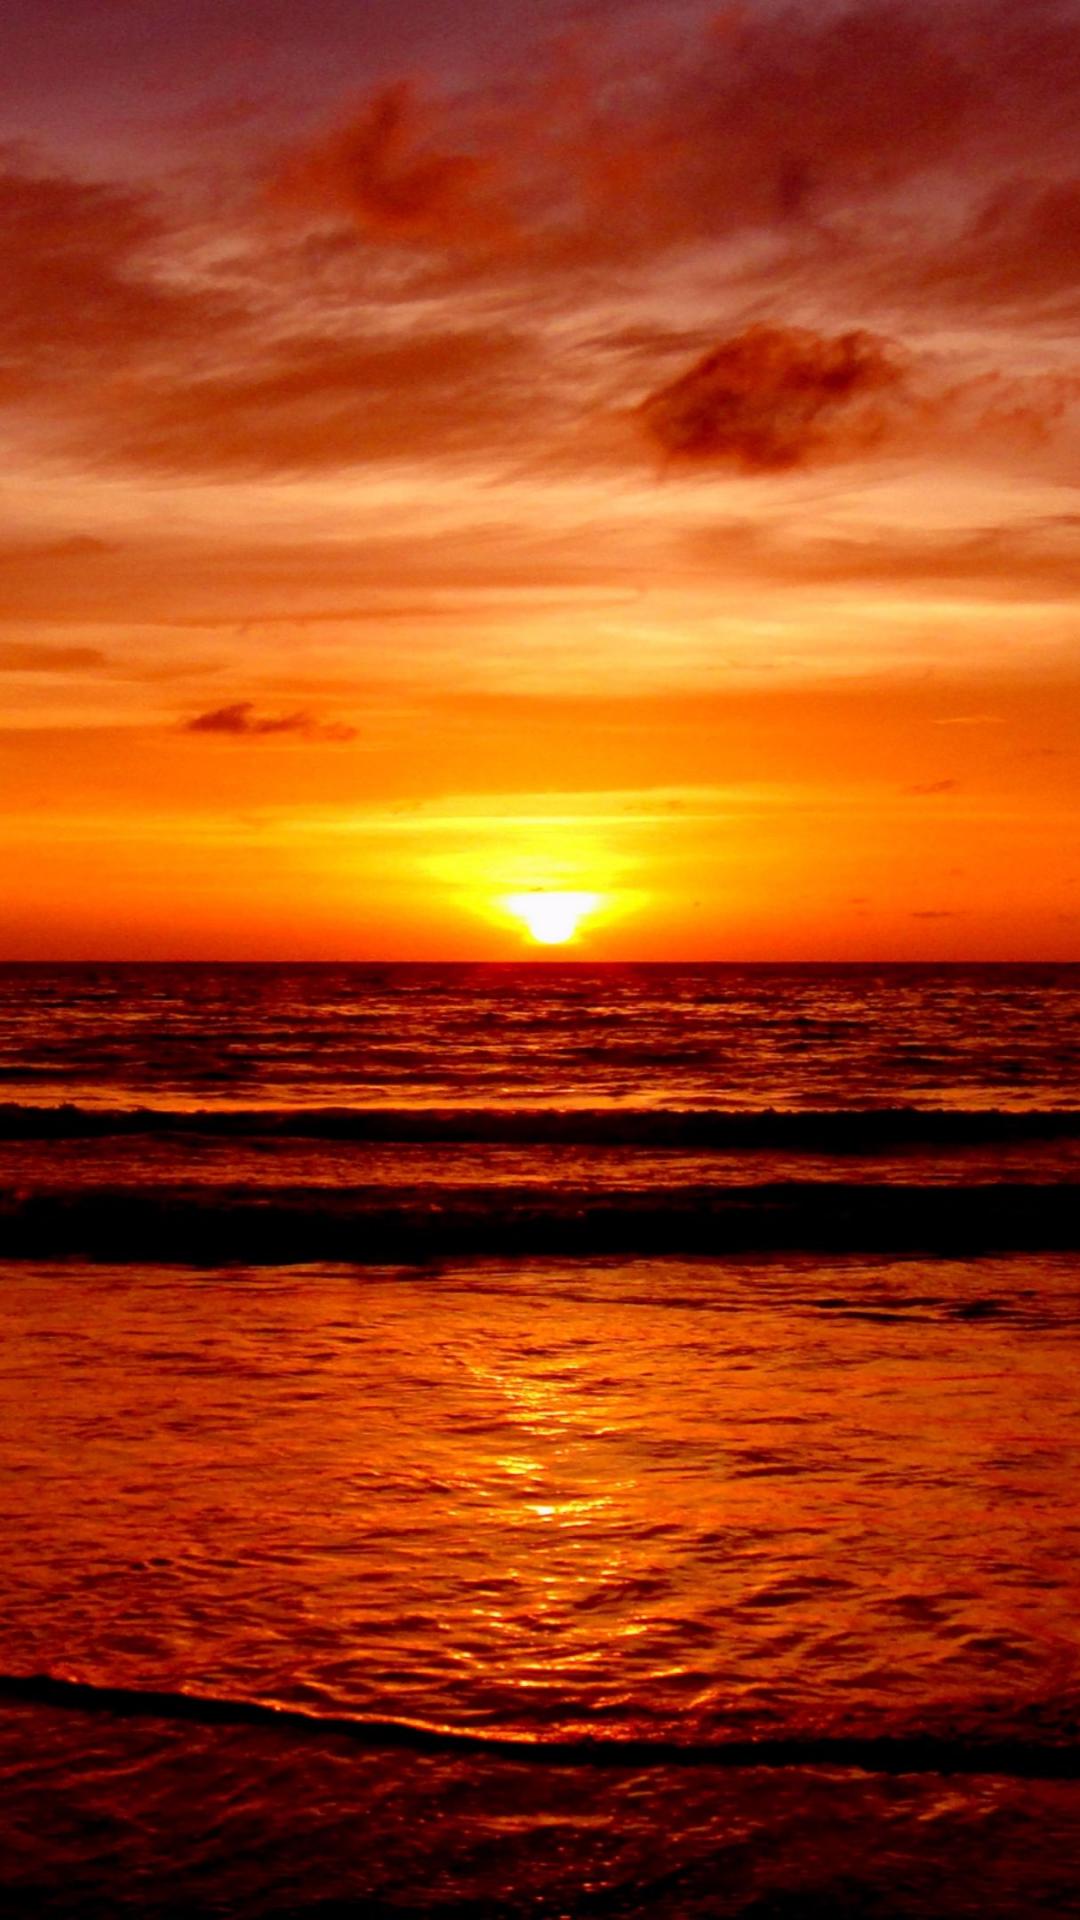 Sunset Wallpaper 4k Phone